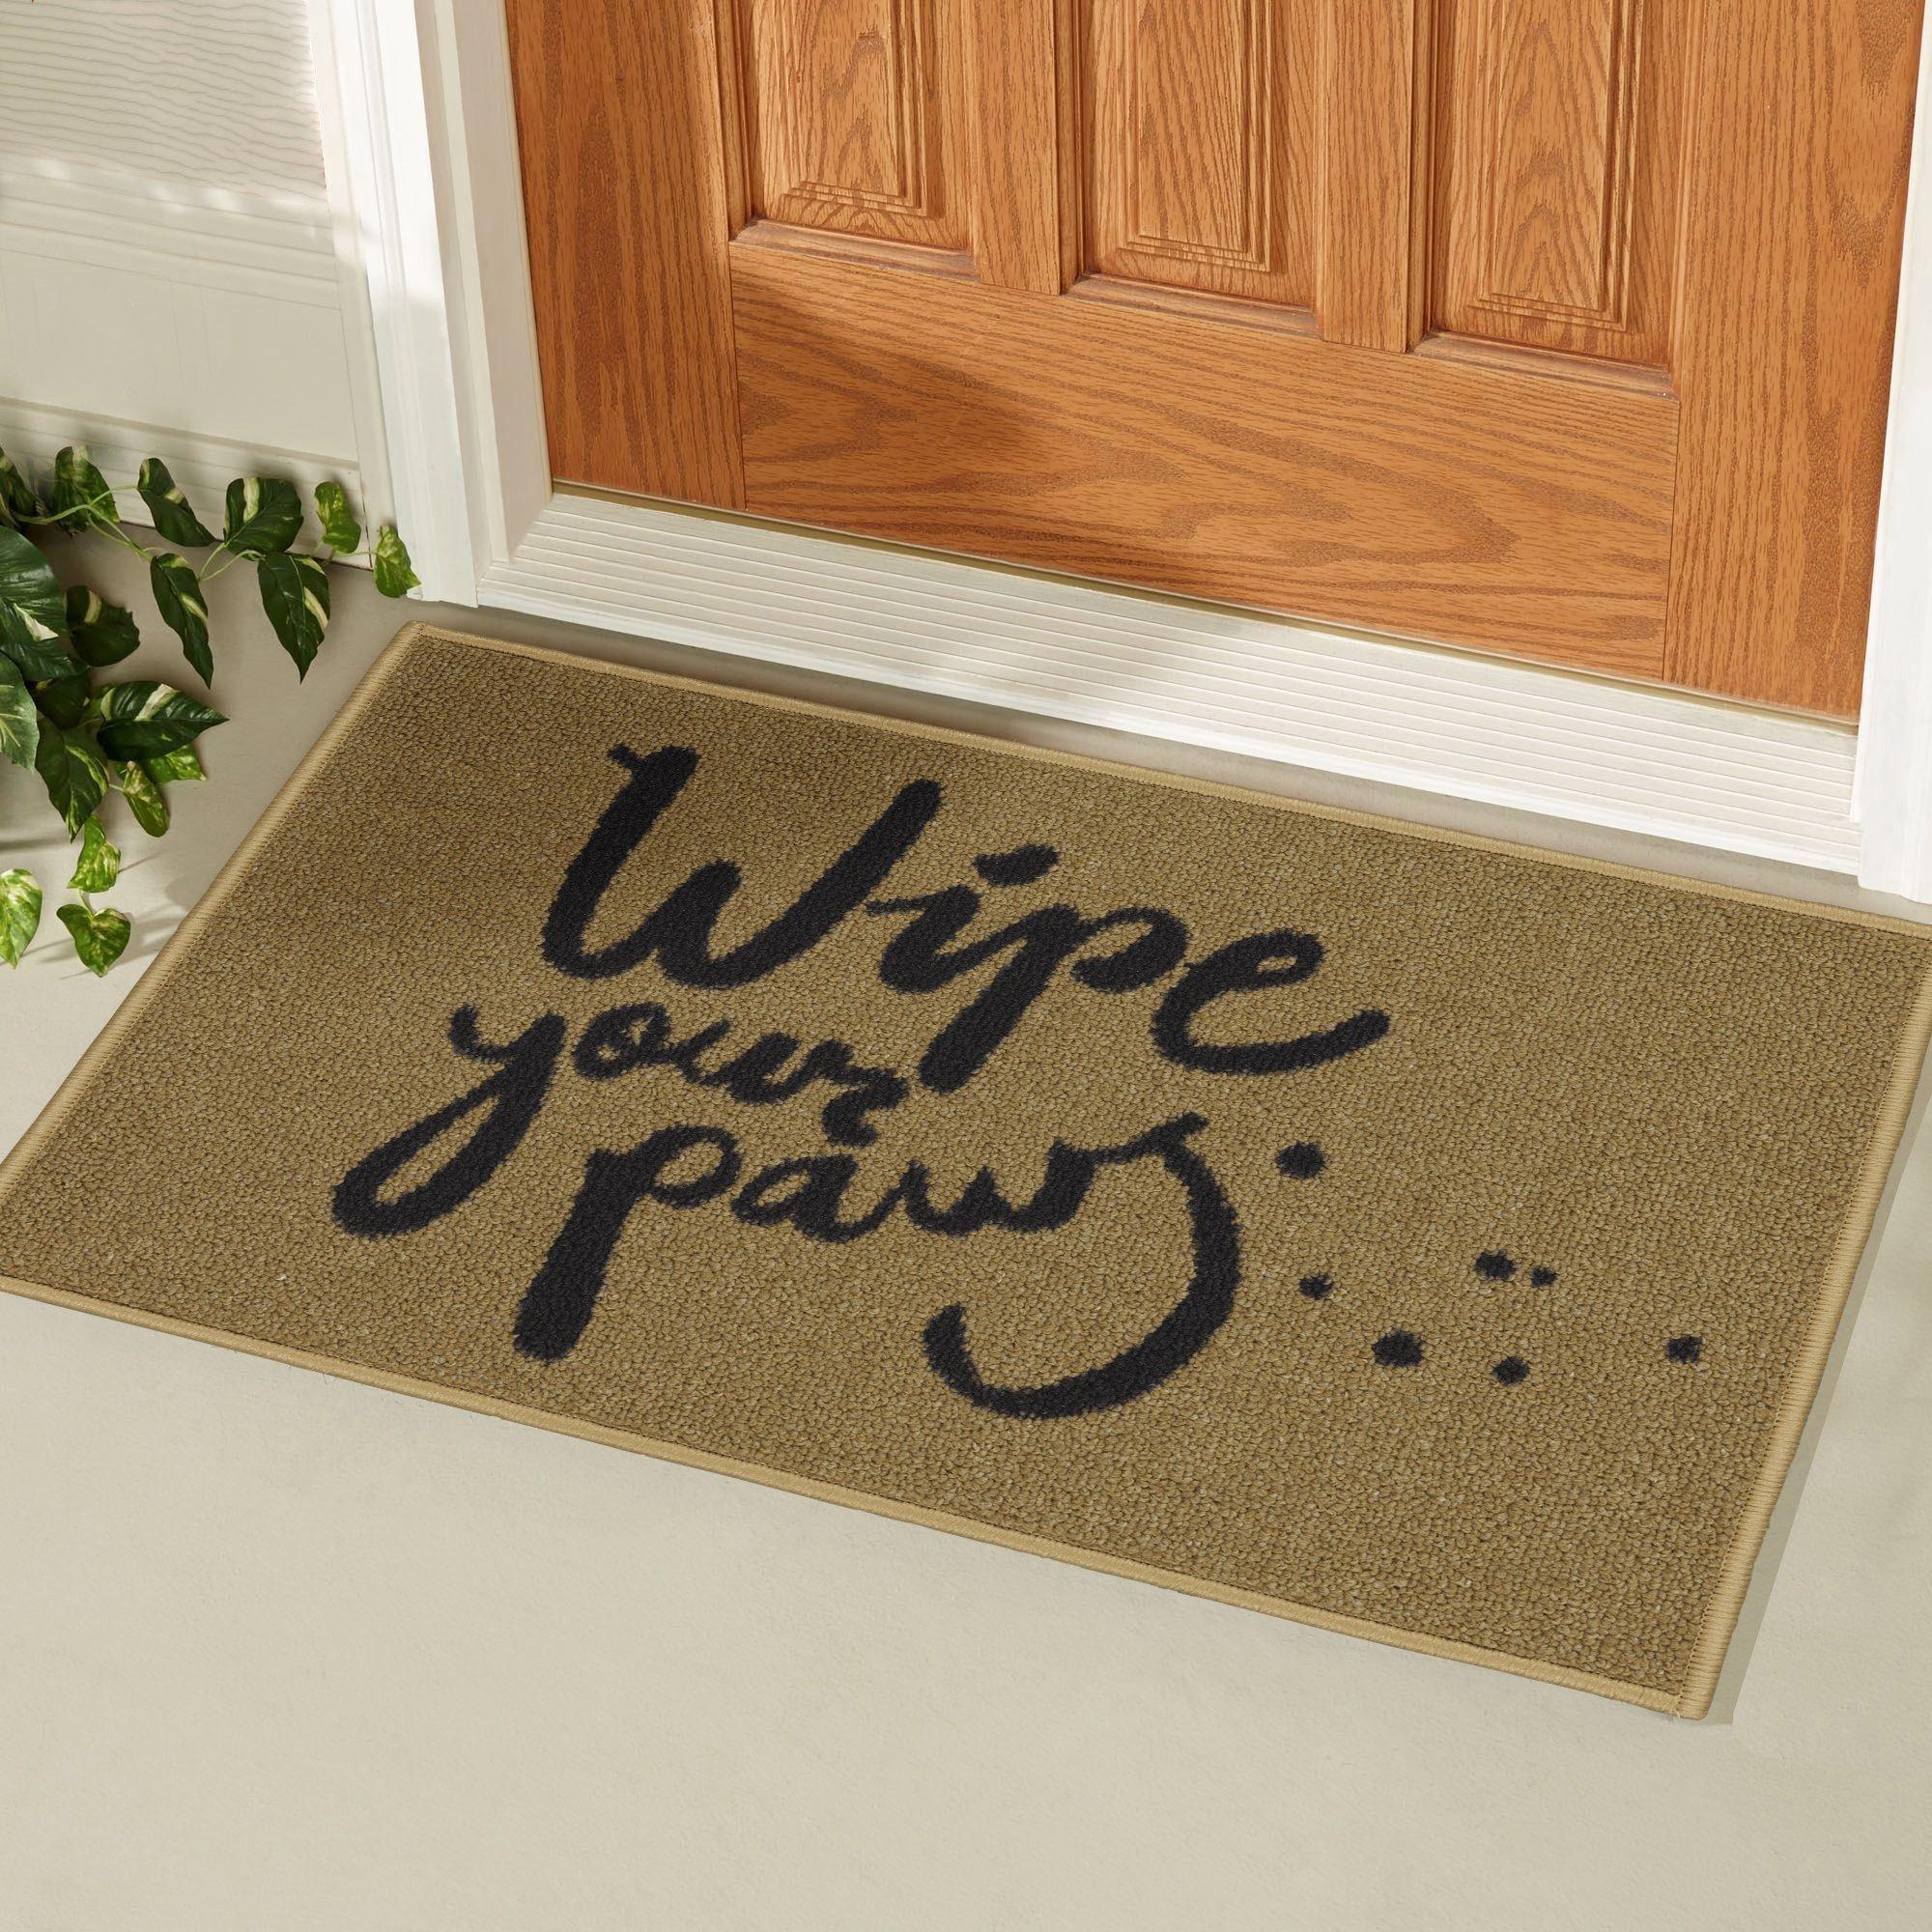 Ottomanson Doormat Collection Rectangular Wipe Your Paw Doormat, 20'' X 30'', Beige